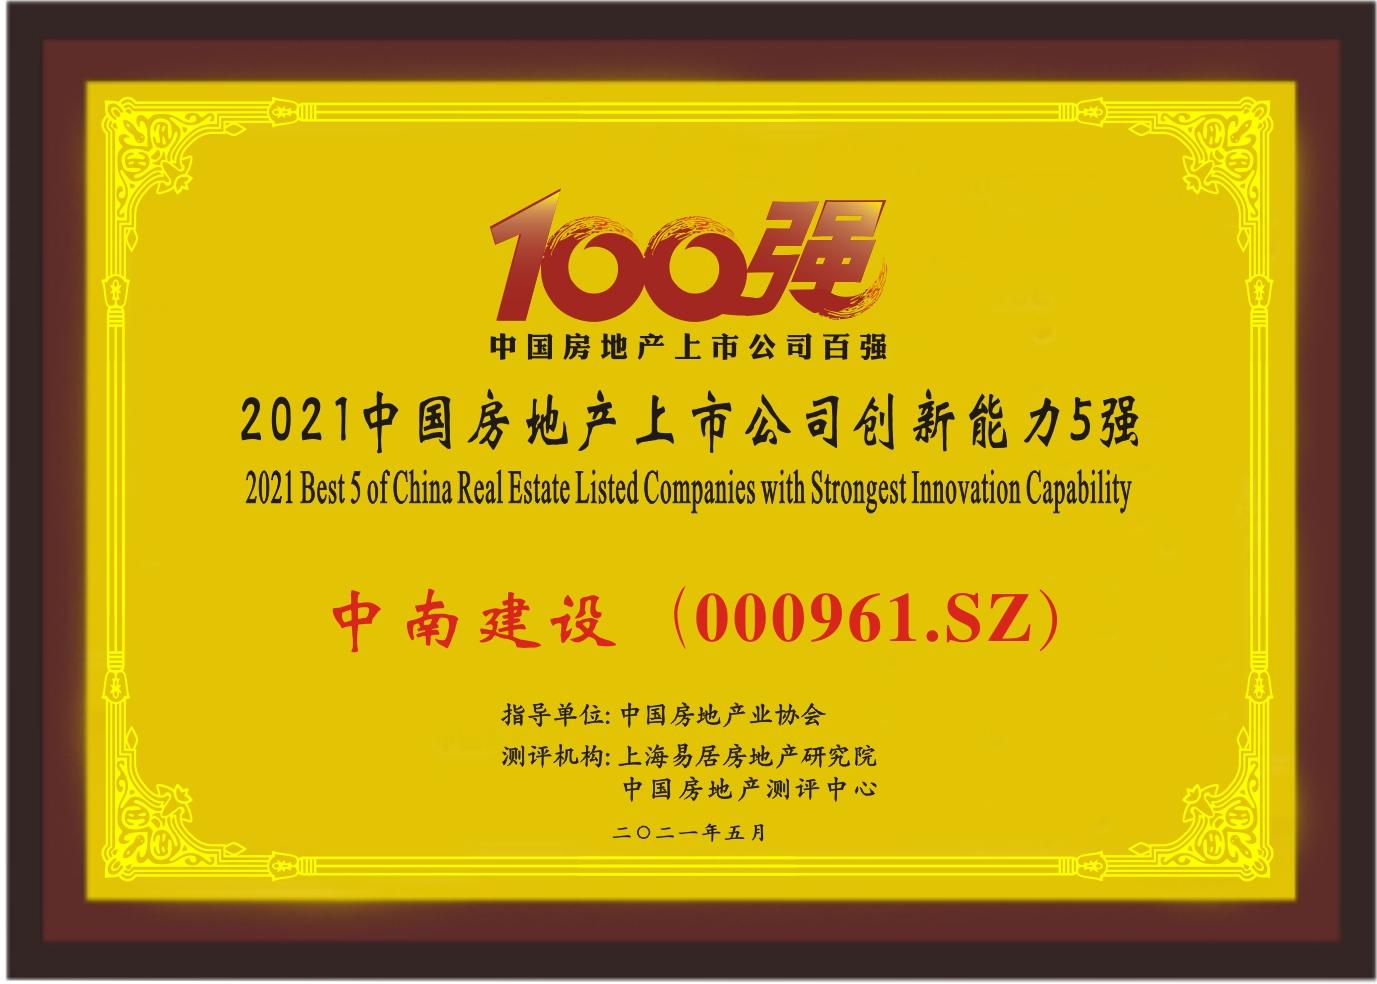 中南建設榮獲中國房地產上市公司綜合實力20強第17位